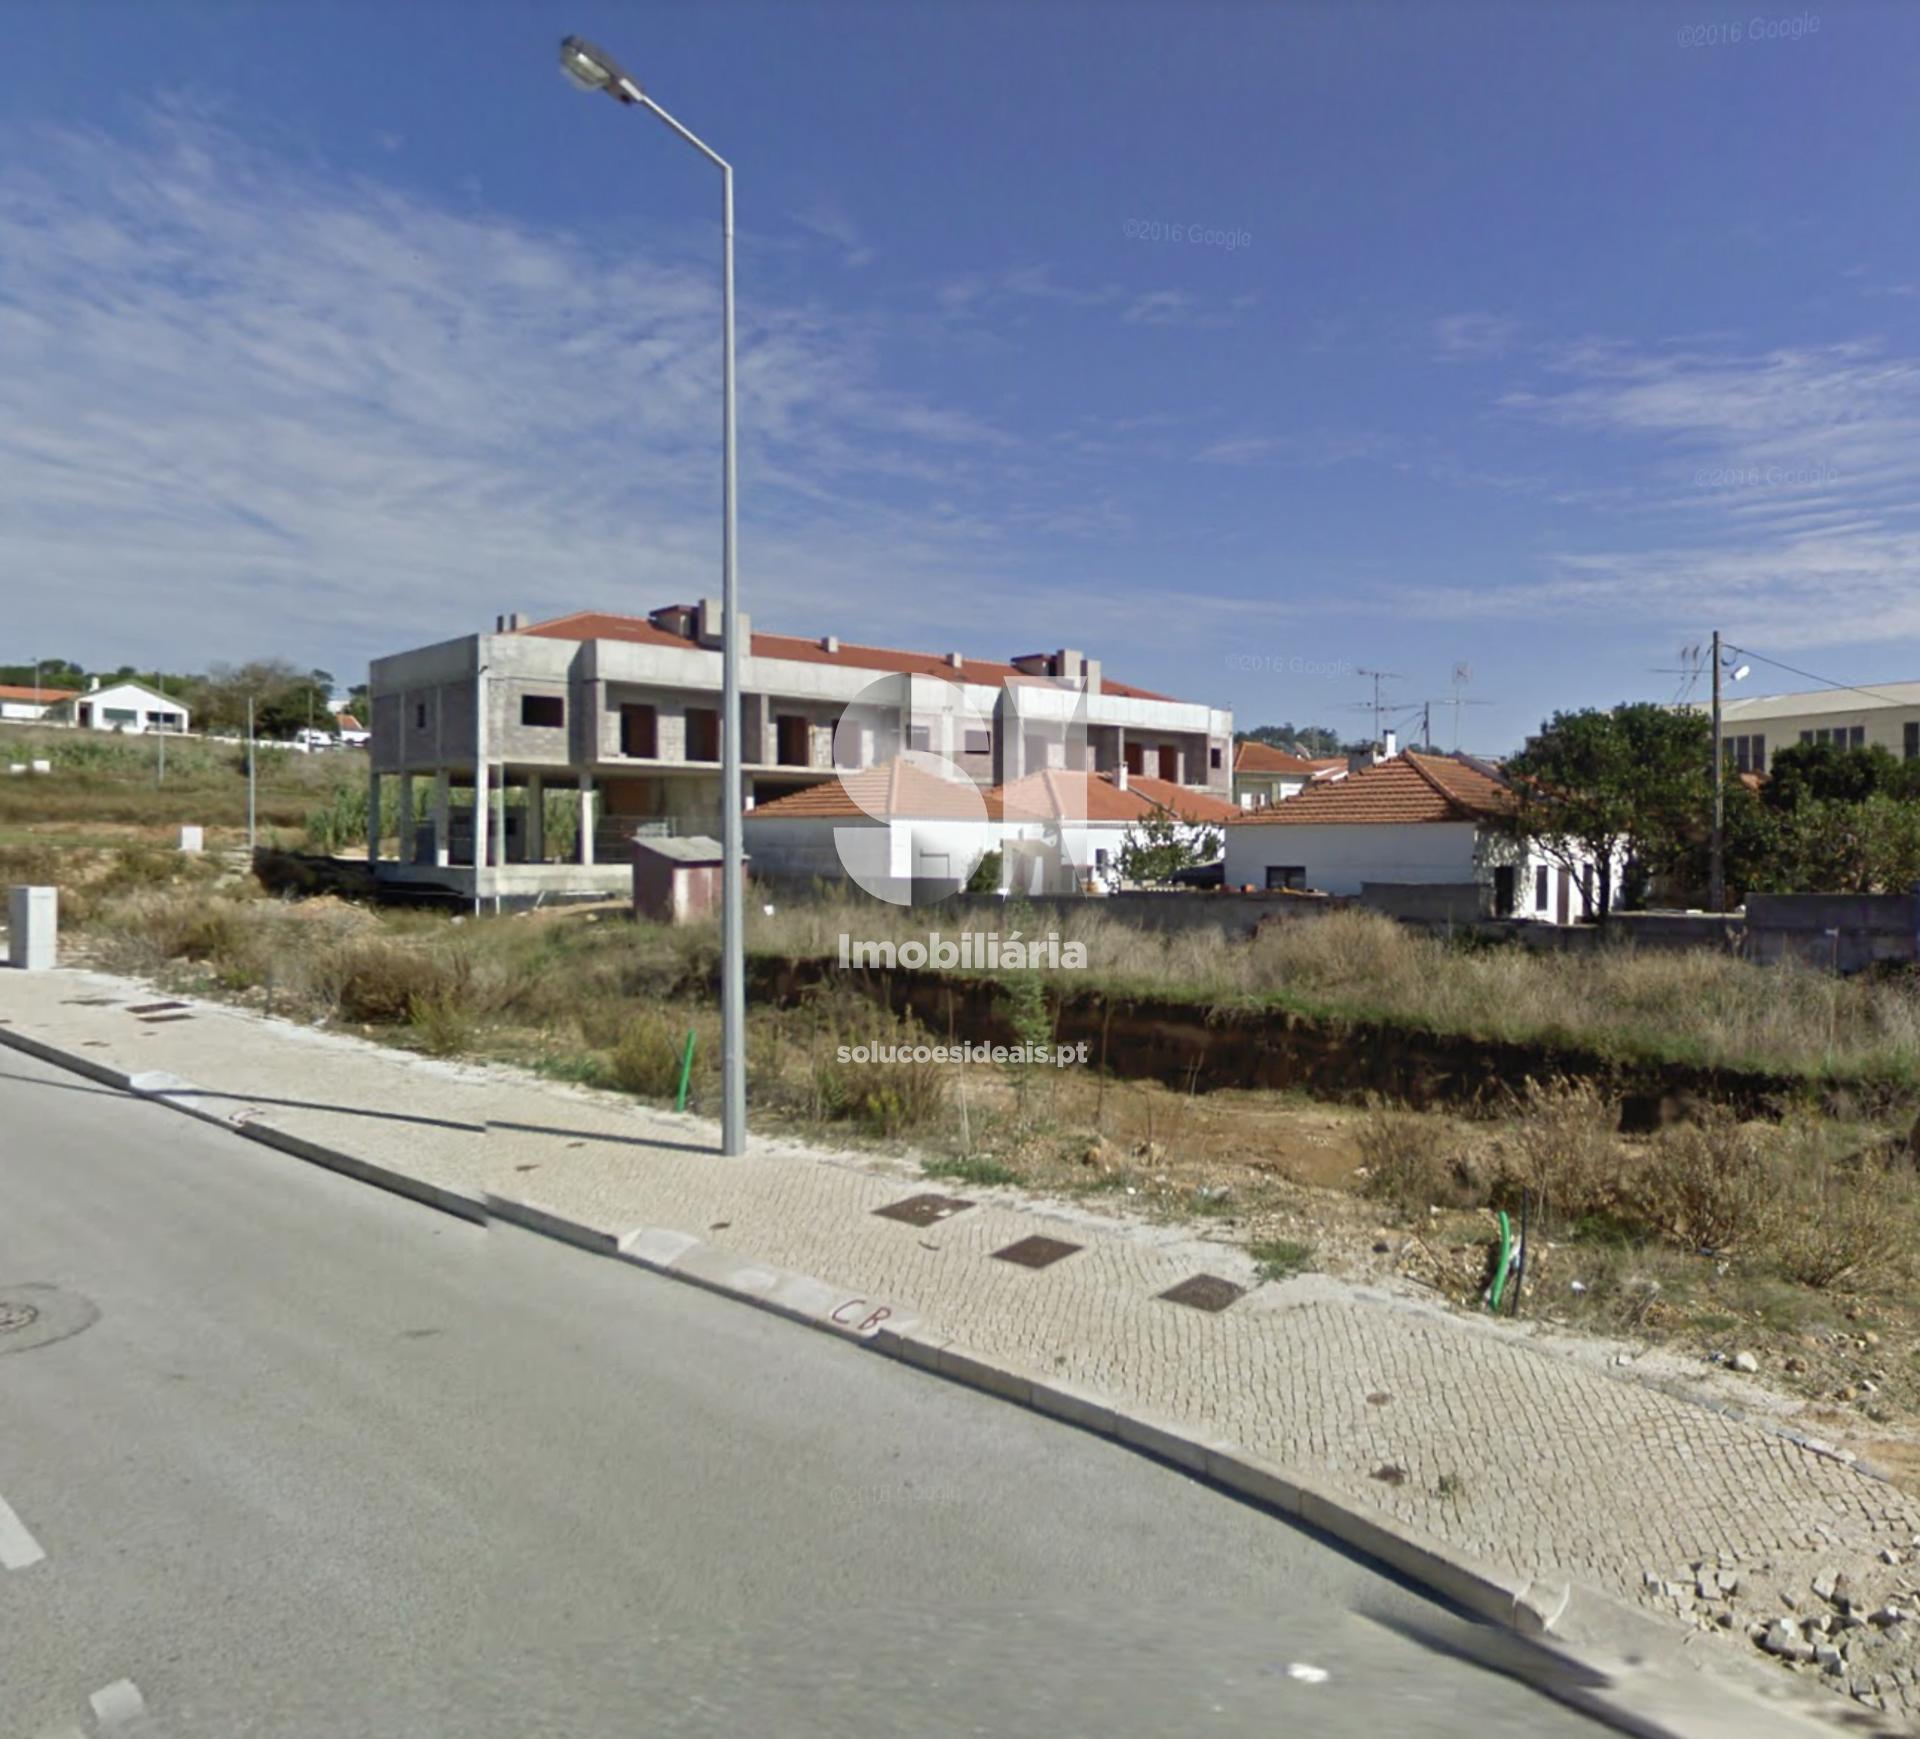 terreno para compra em figueira da foz vila verde fontela FIG2607